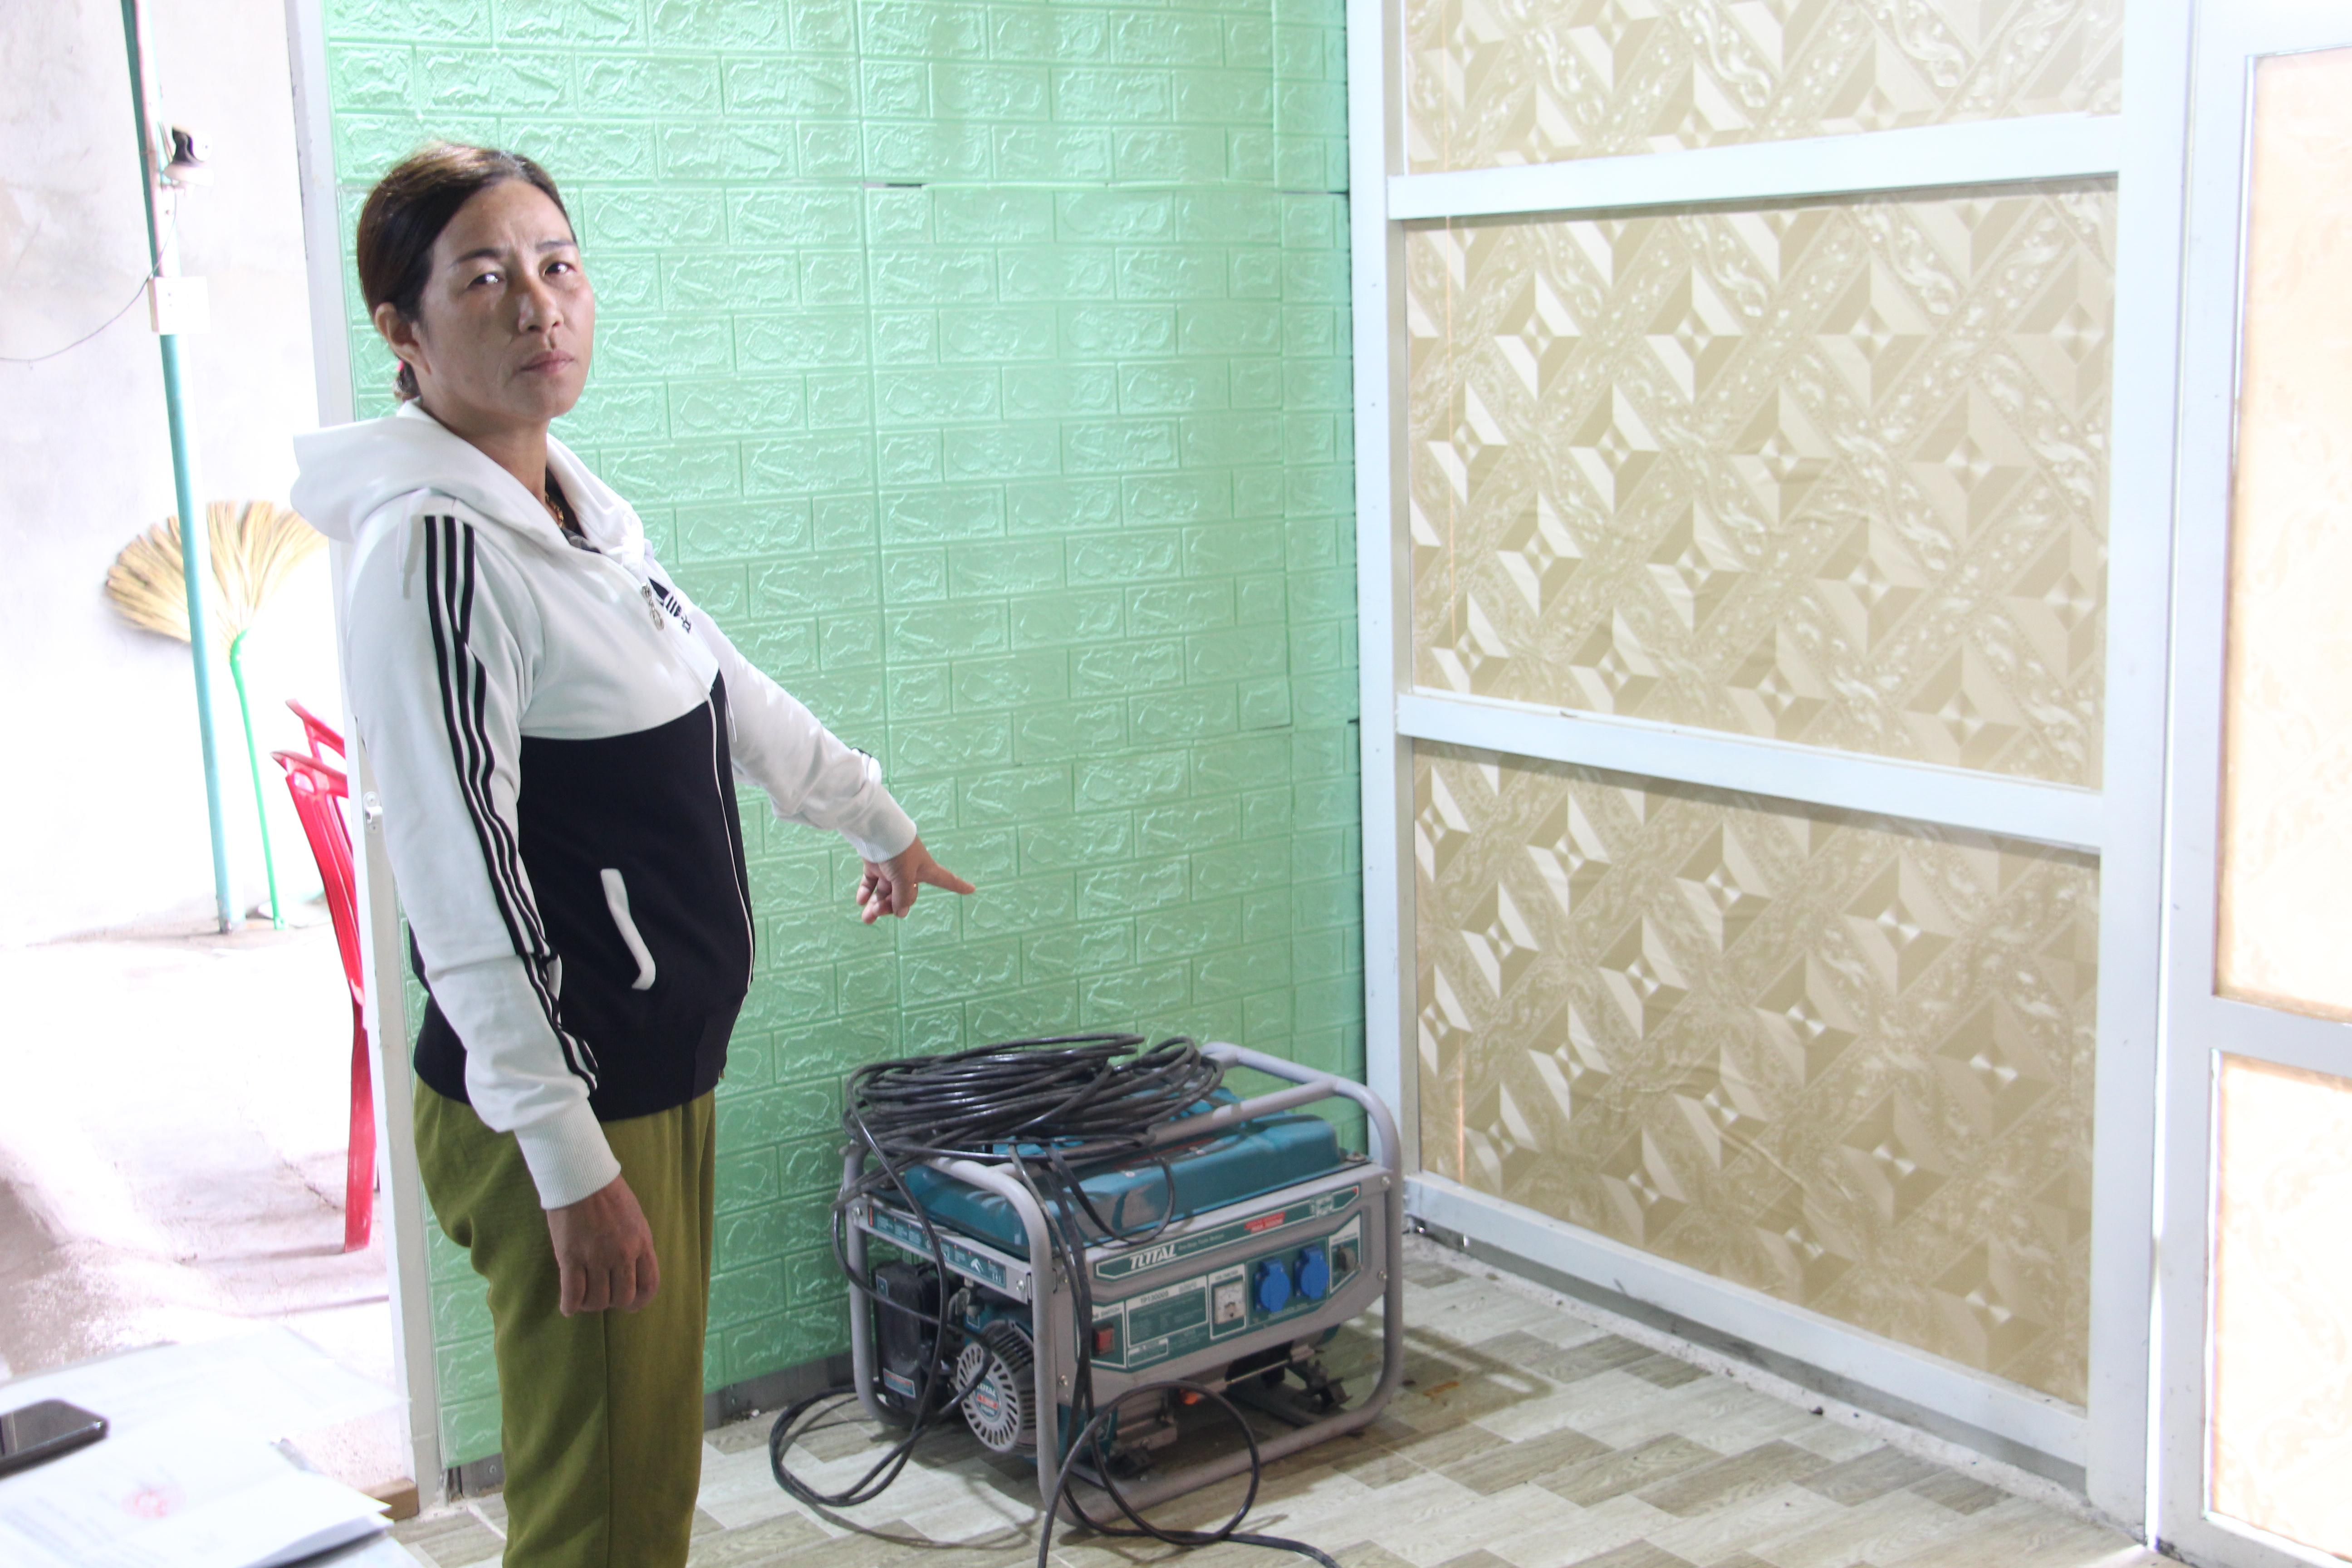 Bà Nguyễn Thị Tuyết và chiếc máy mà UBND thị trấn Vân Canh cho rằng đó là phương tiện dùng hút cát.